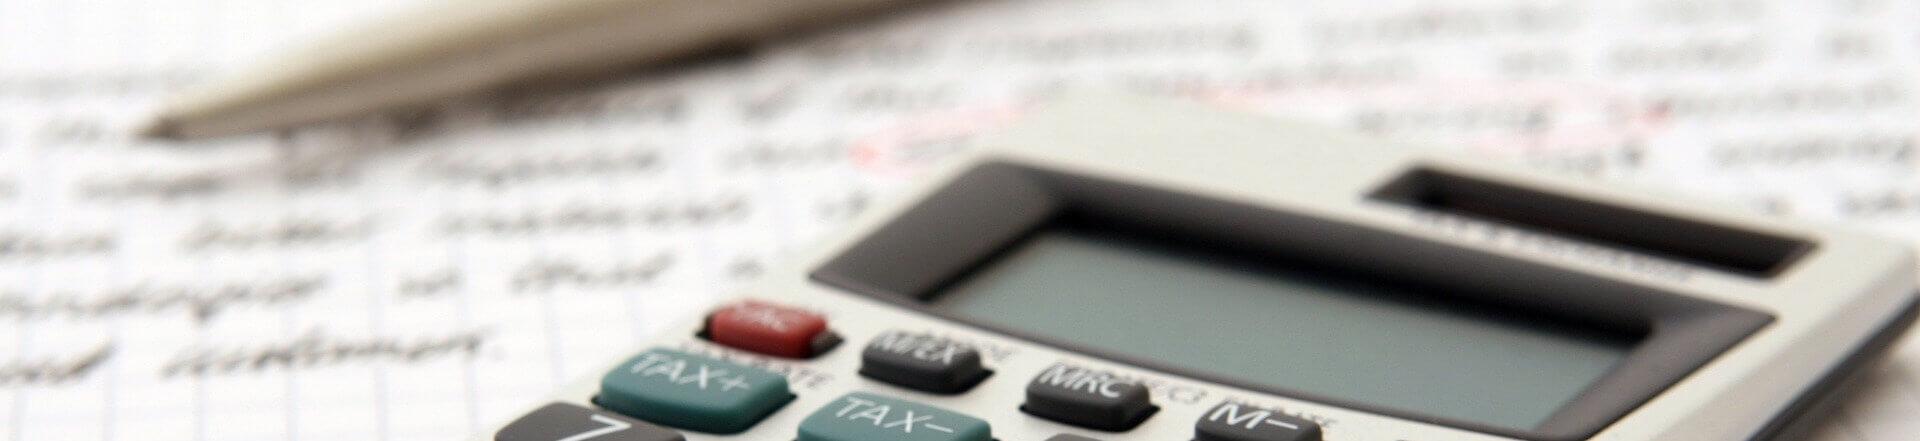 Taschenrechner Dokument Eigenheimfinanzierung